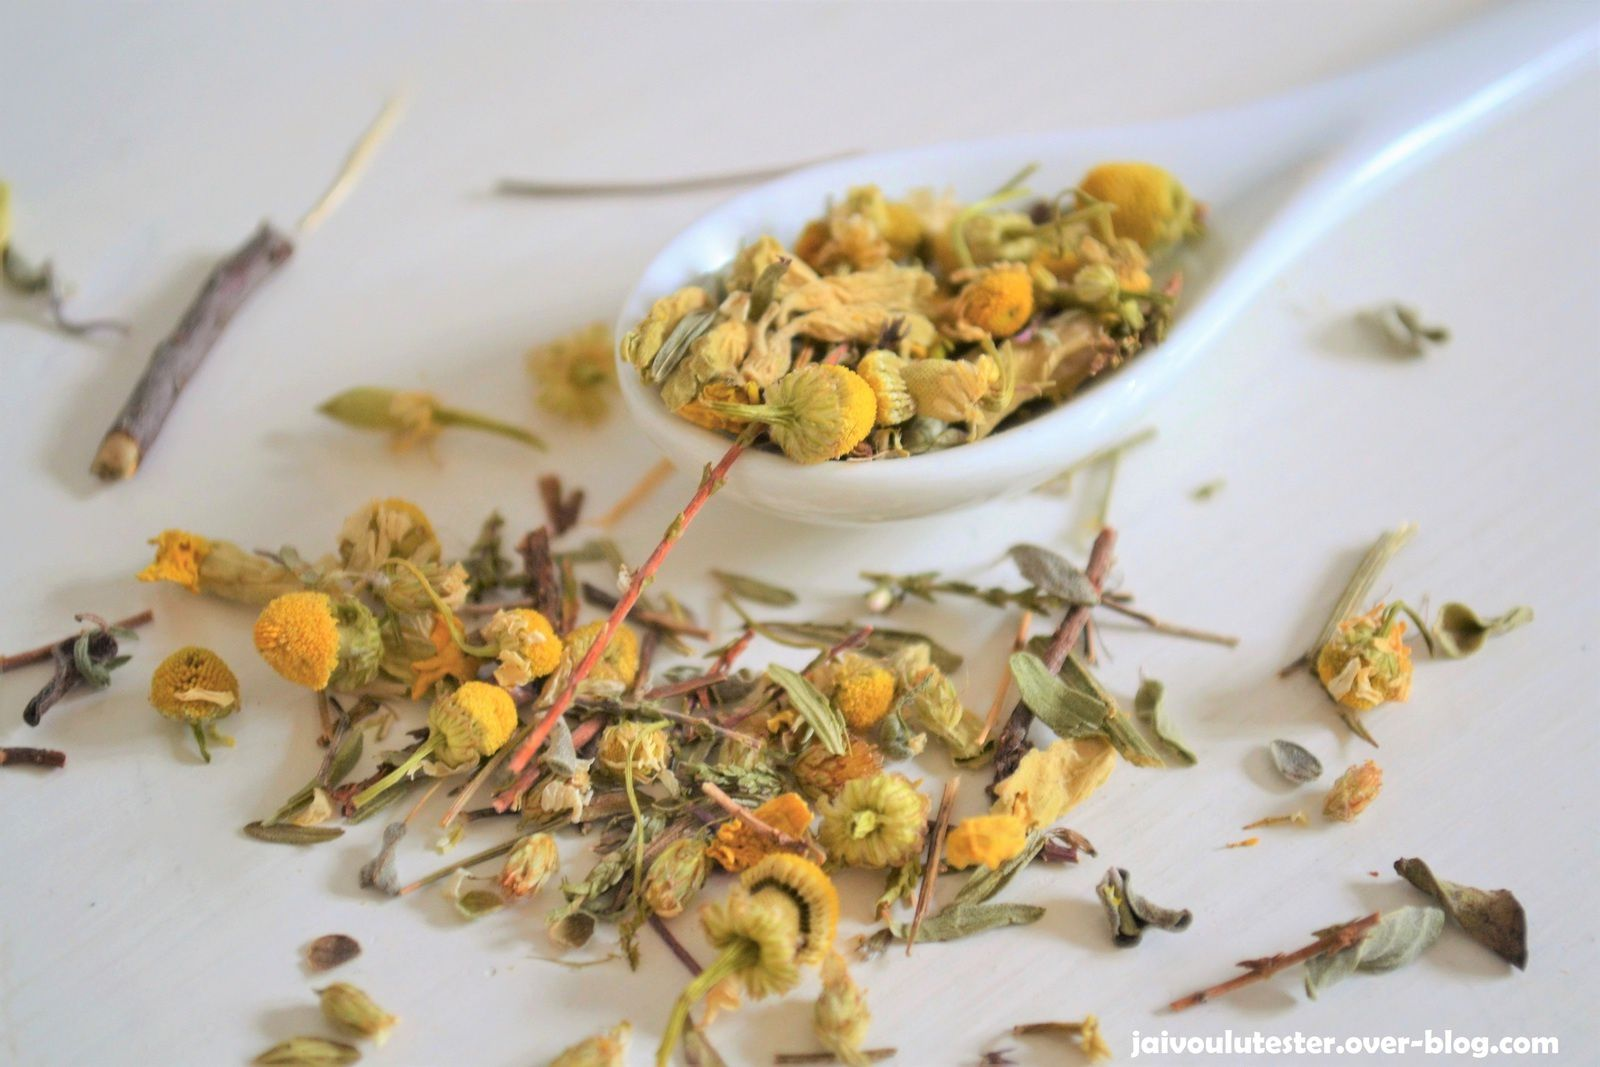 ... le cas du thé en vrac, objectif réduction des déchets #3